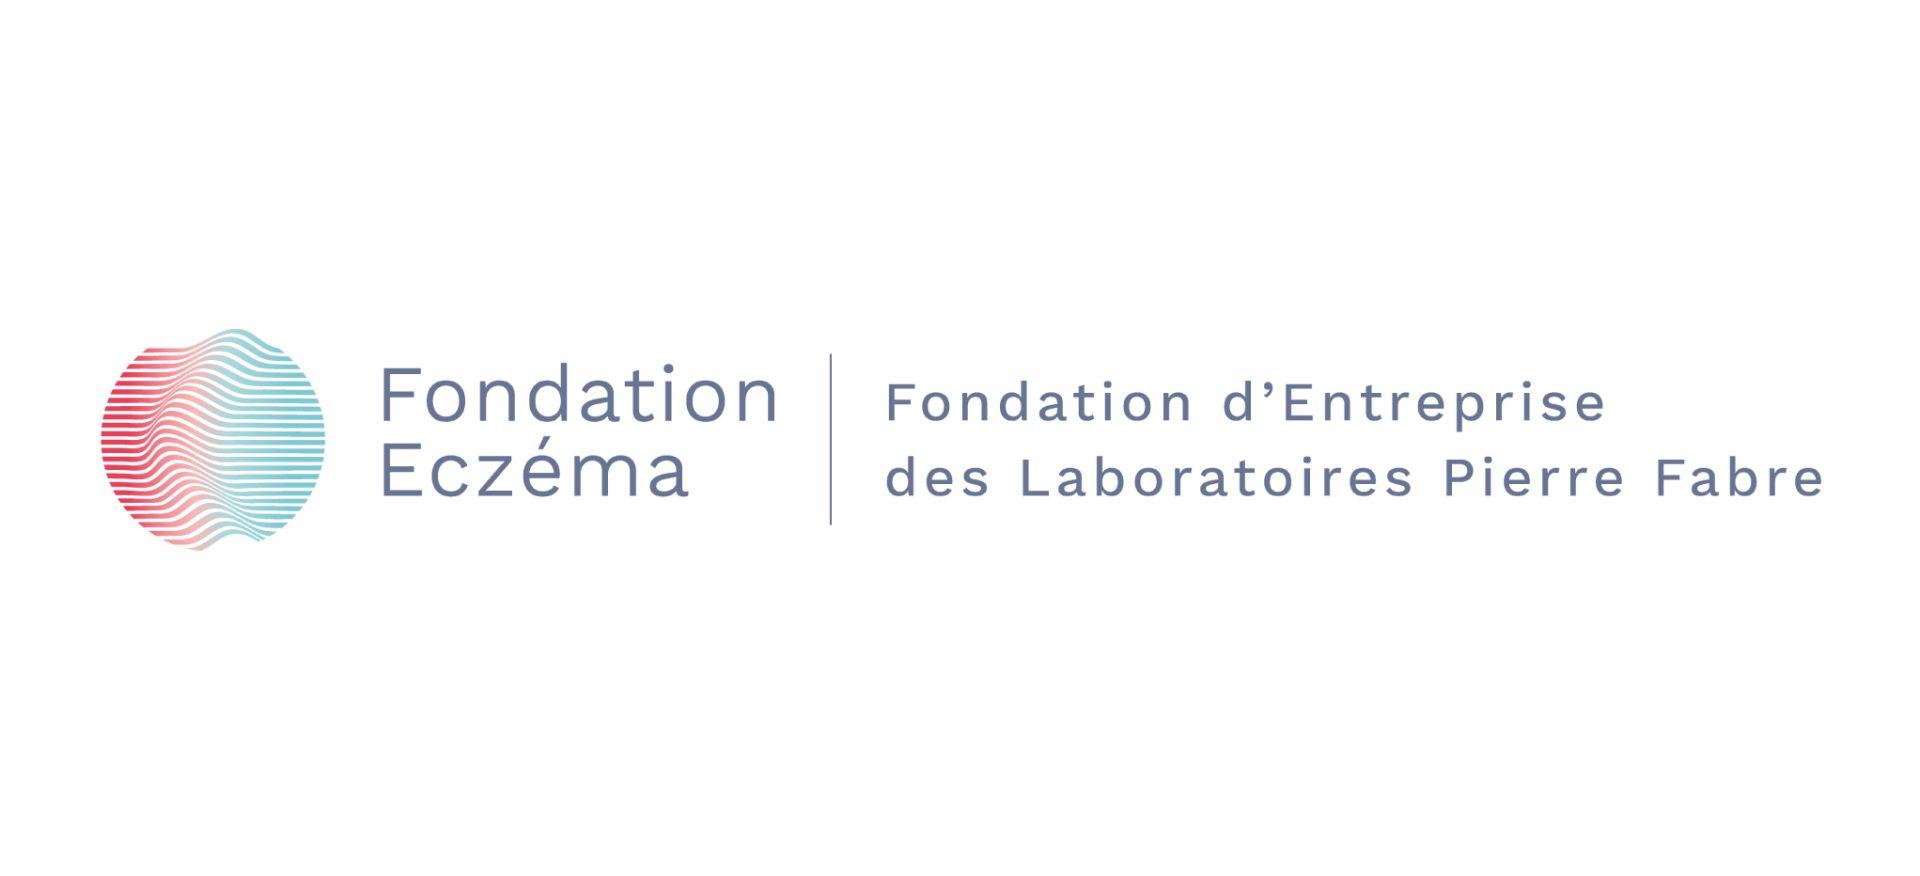 Association française des patients atteints de mastocytoses et de syndromes d'activation mastocytaires